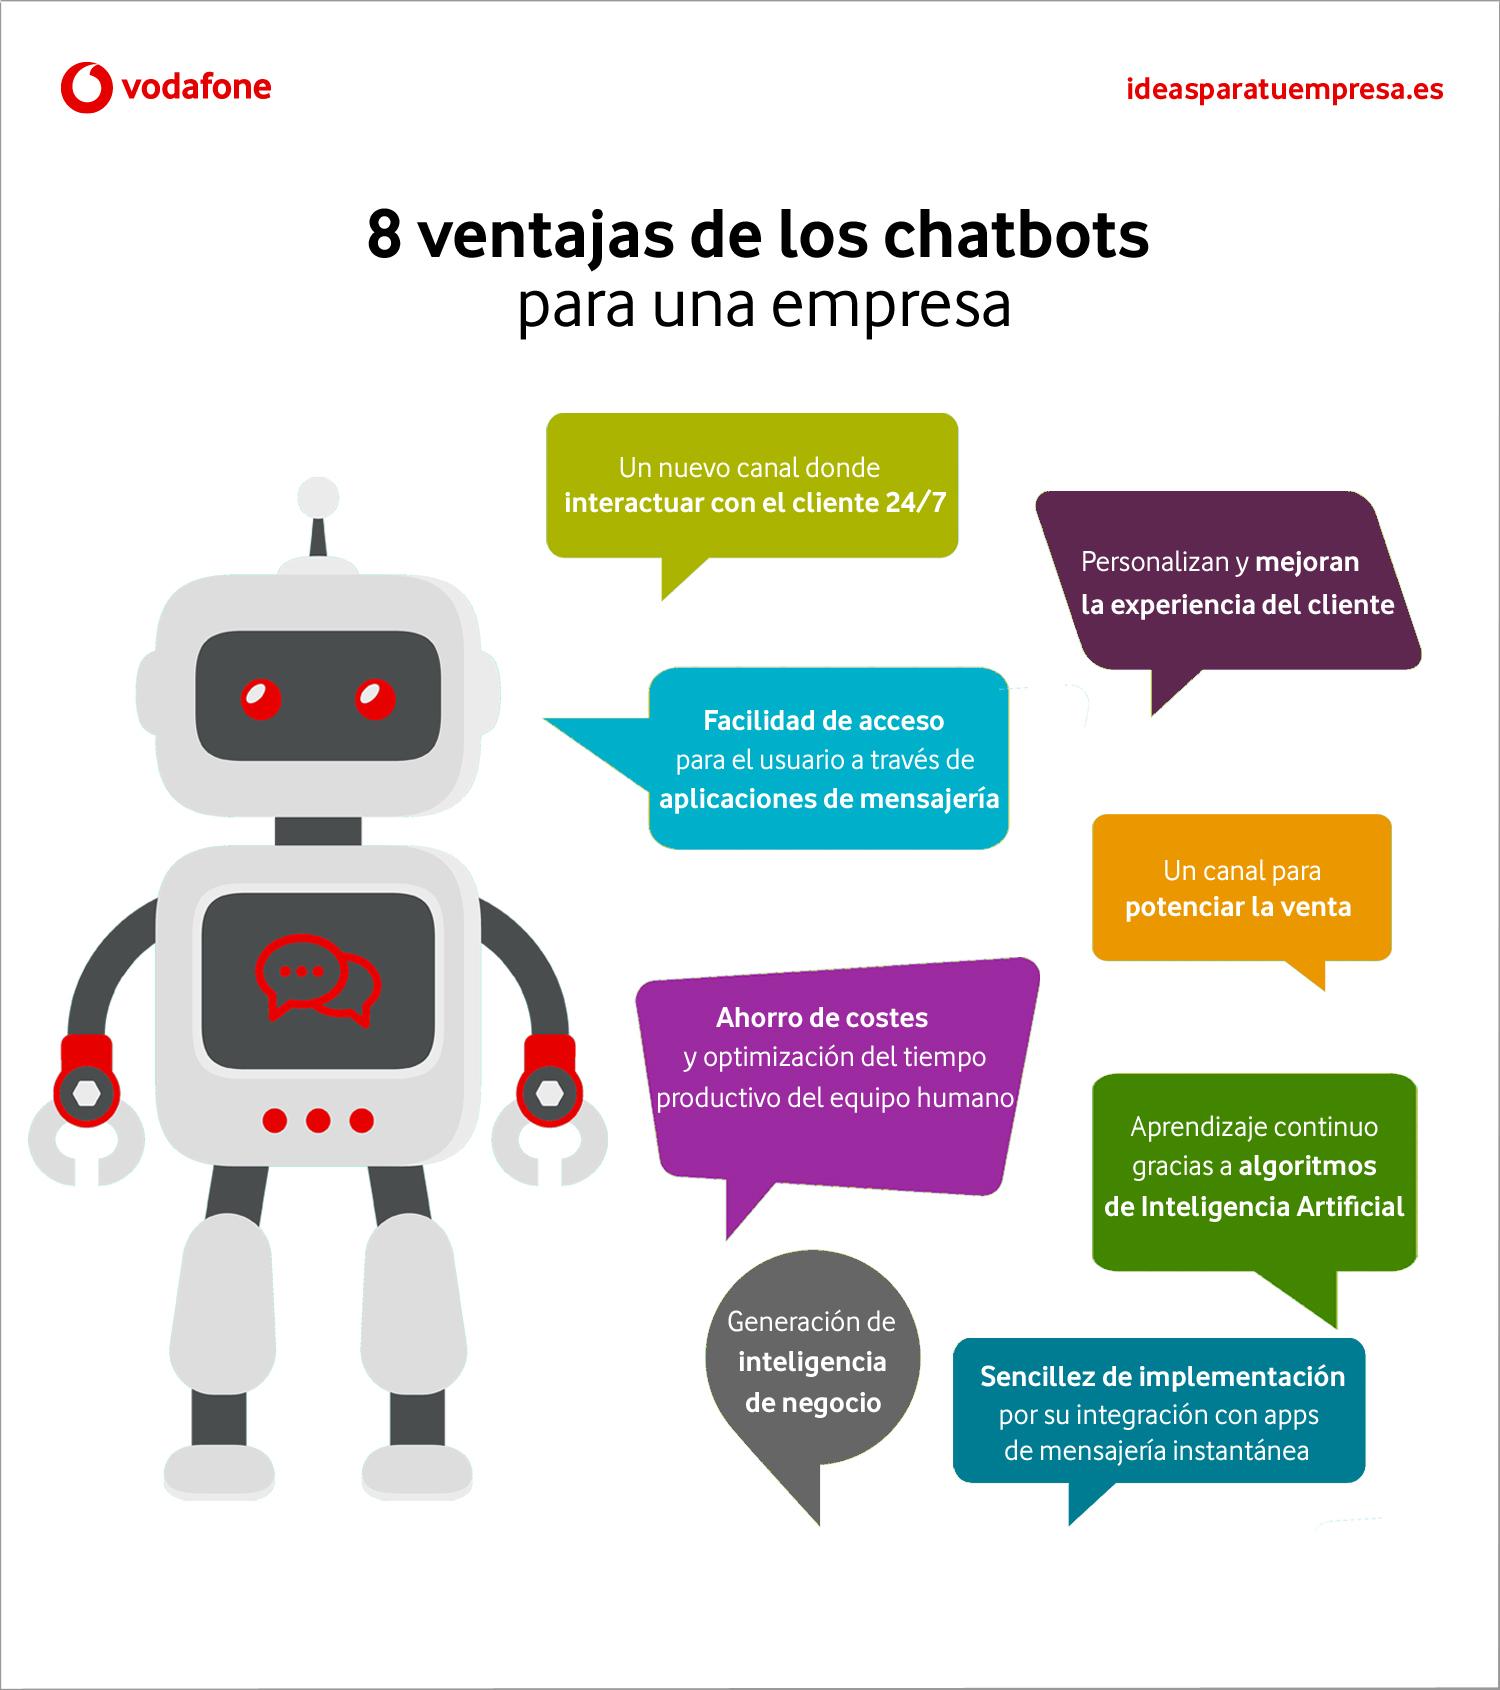 8 ventajas de los chatbots para una empresa